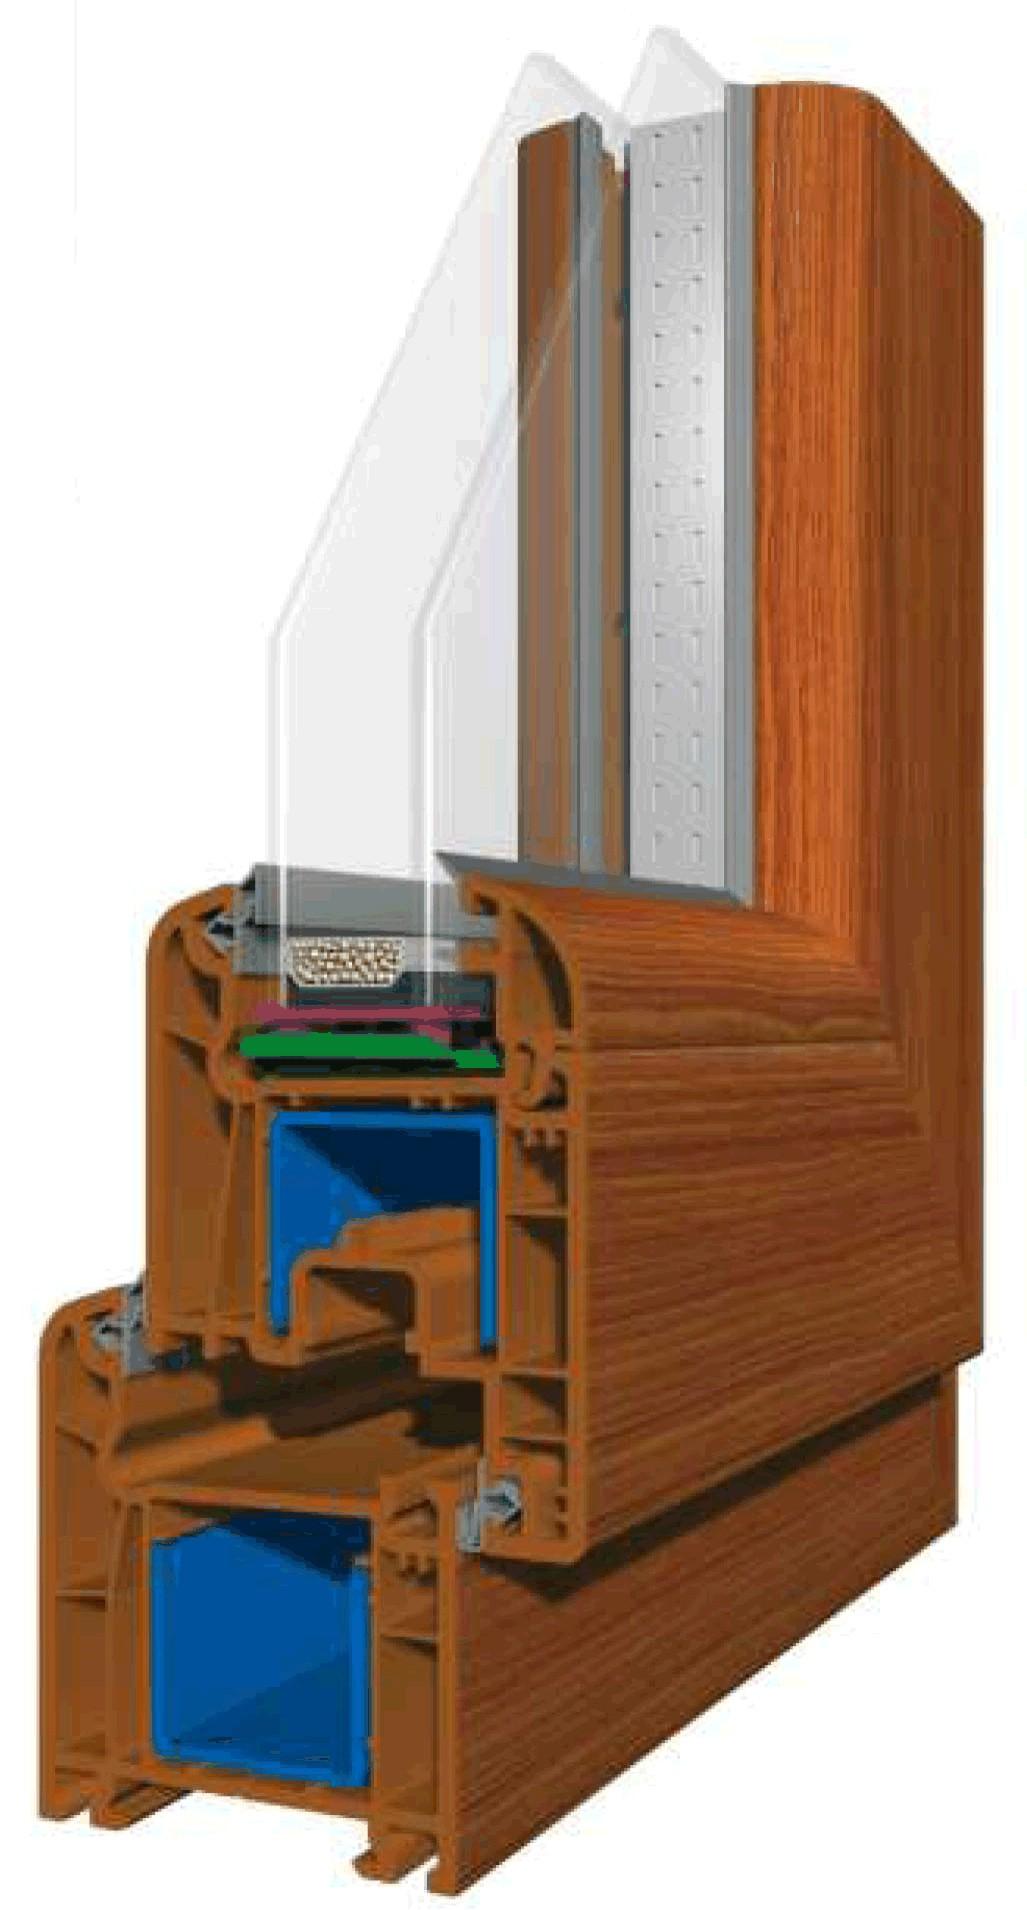 Viva plast wooden colours - Proactive Bg Vias Vivaplast_system_6400_wooden_colour